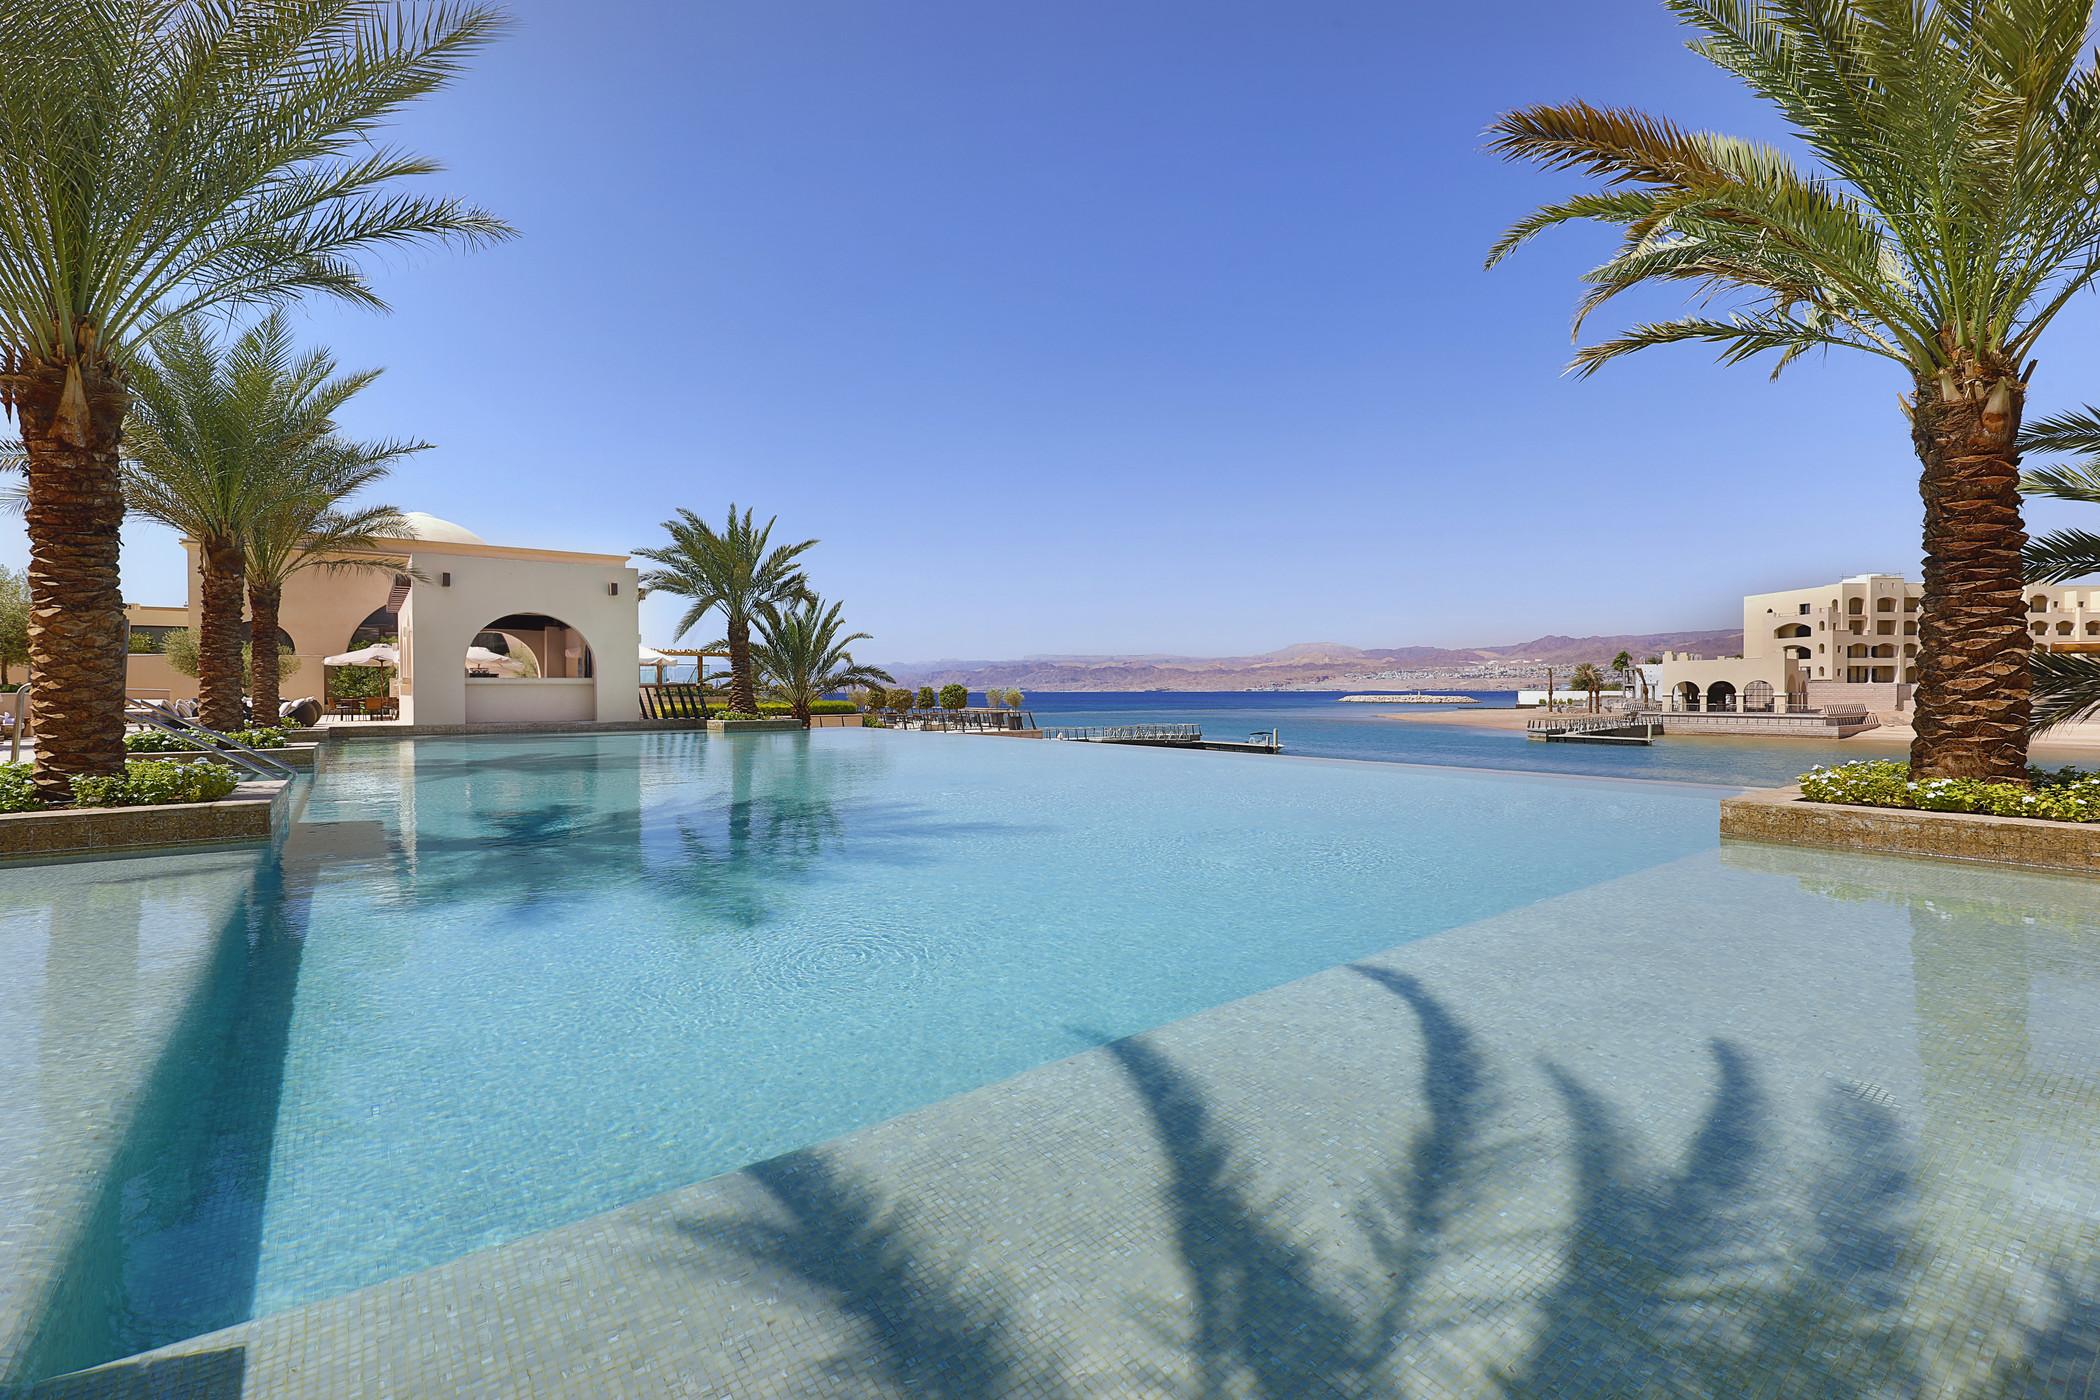 El primer Hotel Luxury Collection en Jordania cuenta con 207 habitaciones, incluyendo 43 suites y dos villas, con acogedores balcones y ventanales con vistas al mar Rojo y las impresionantes cadenas montañosas. Una escapada para olvidarse del frío junto al mar, aprovechando el sol que hay durante todo el año en la playa privada y la piscina estilo boutique del hotel.